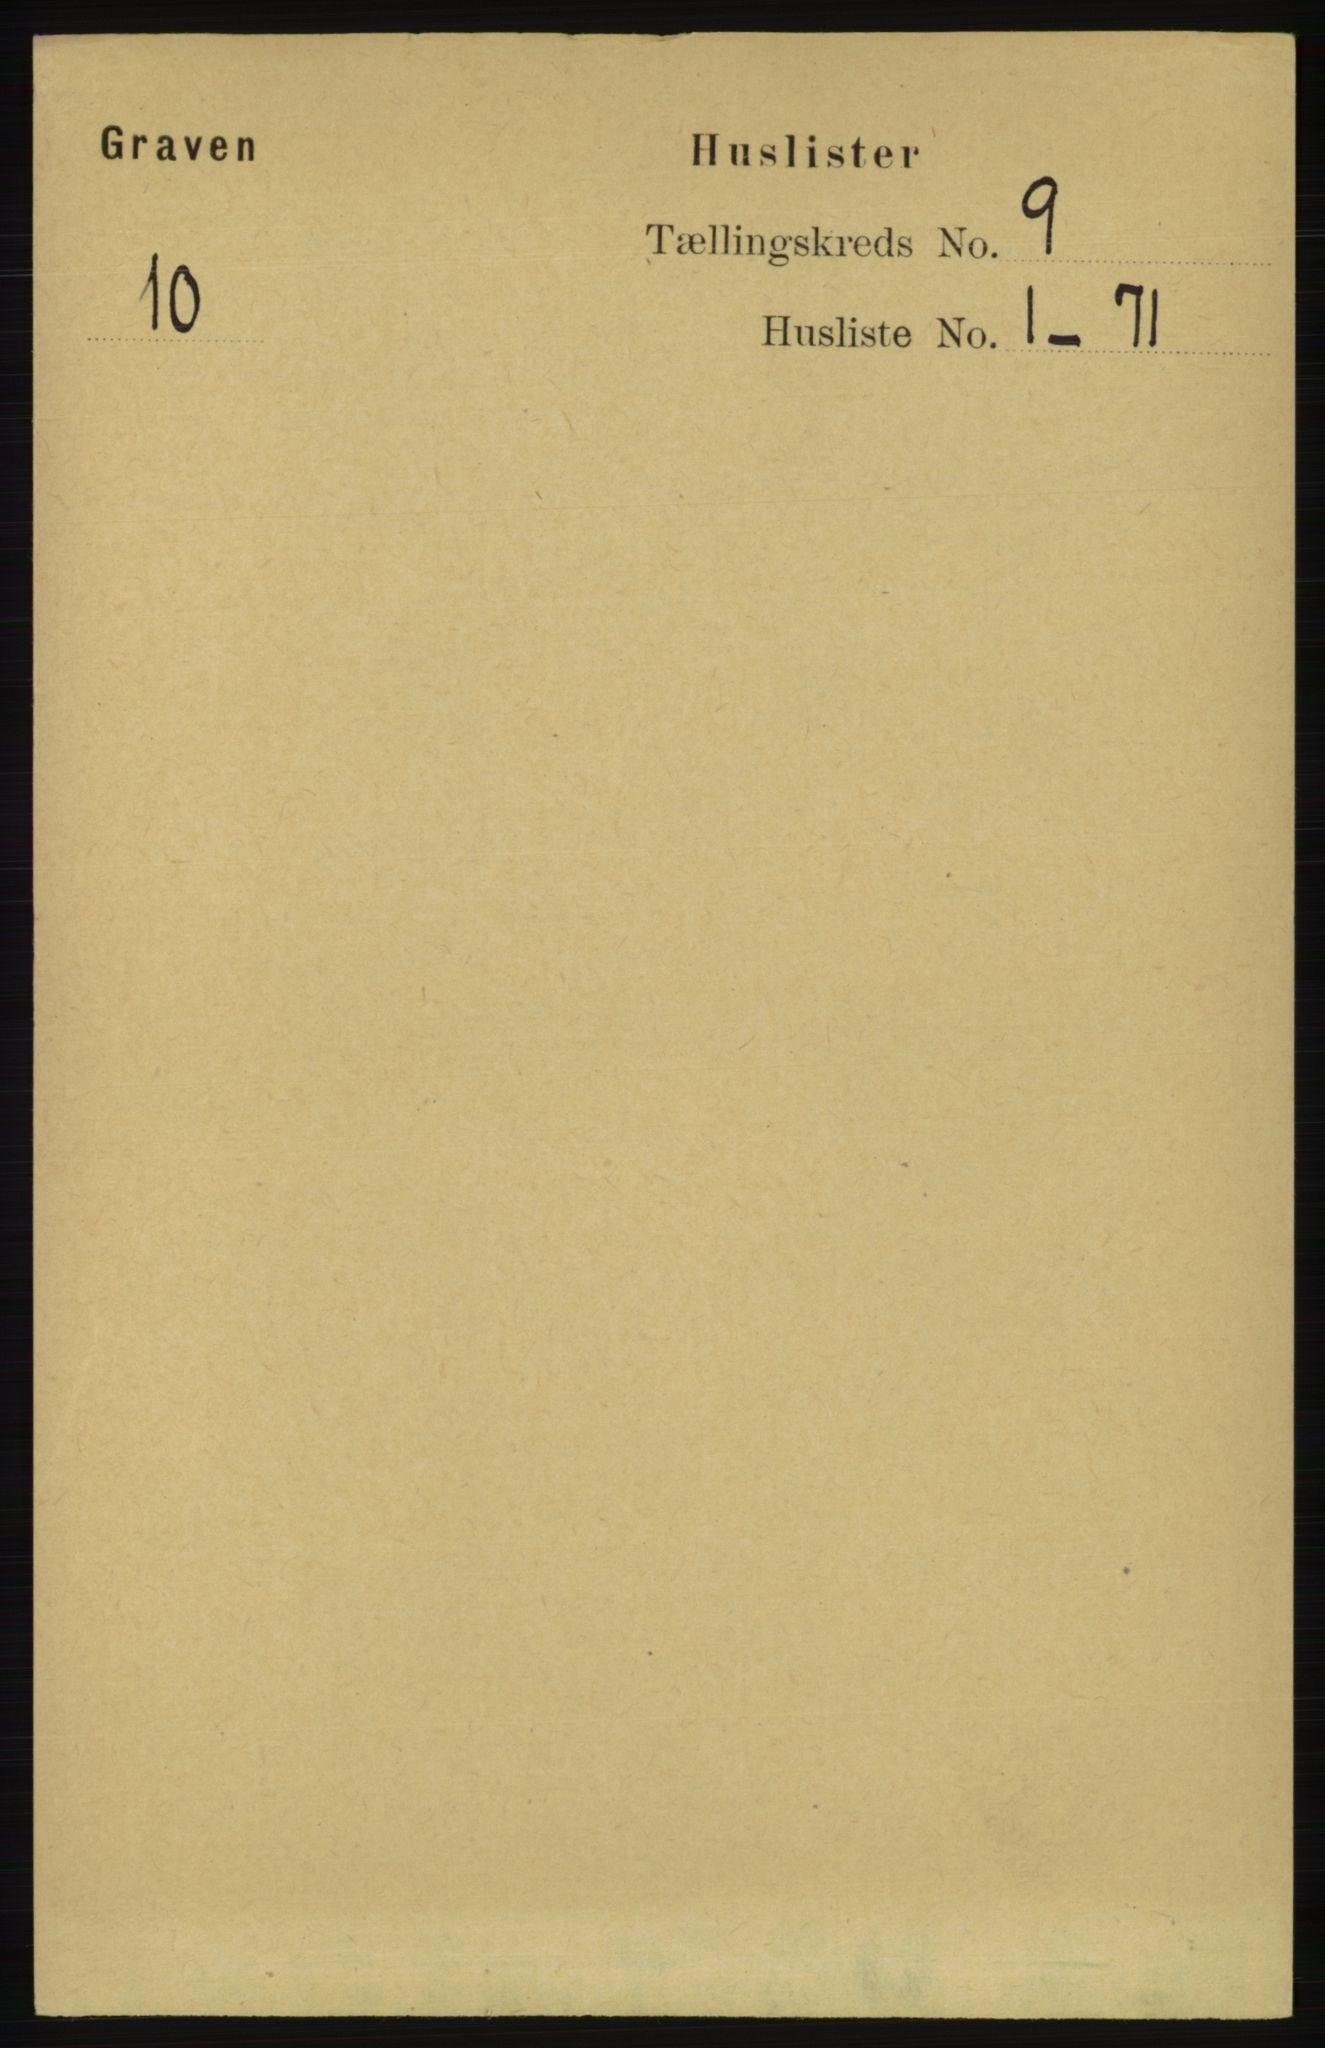 RA, Folketelling 1891 for 1233 Ulvik herred, 1891, s. 2800